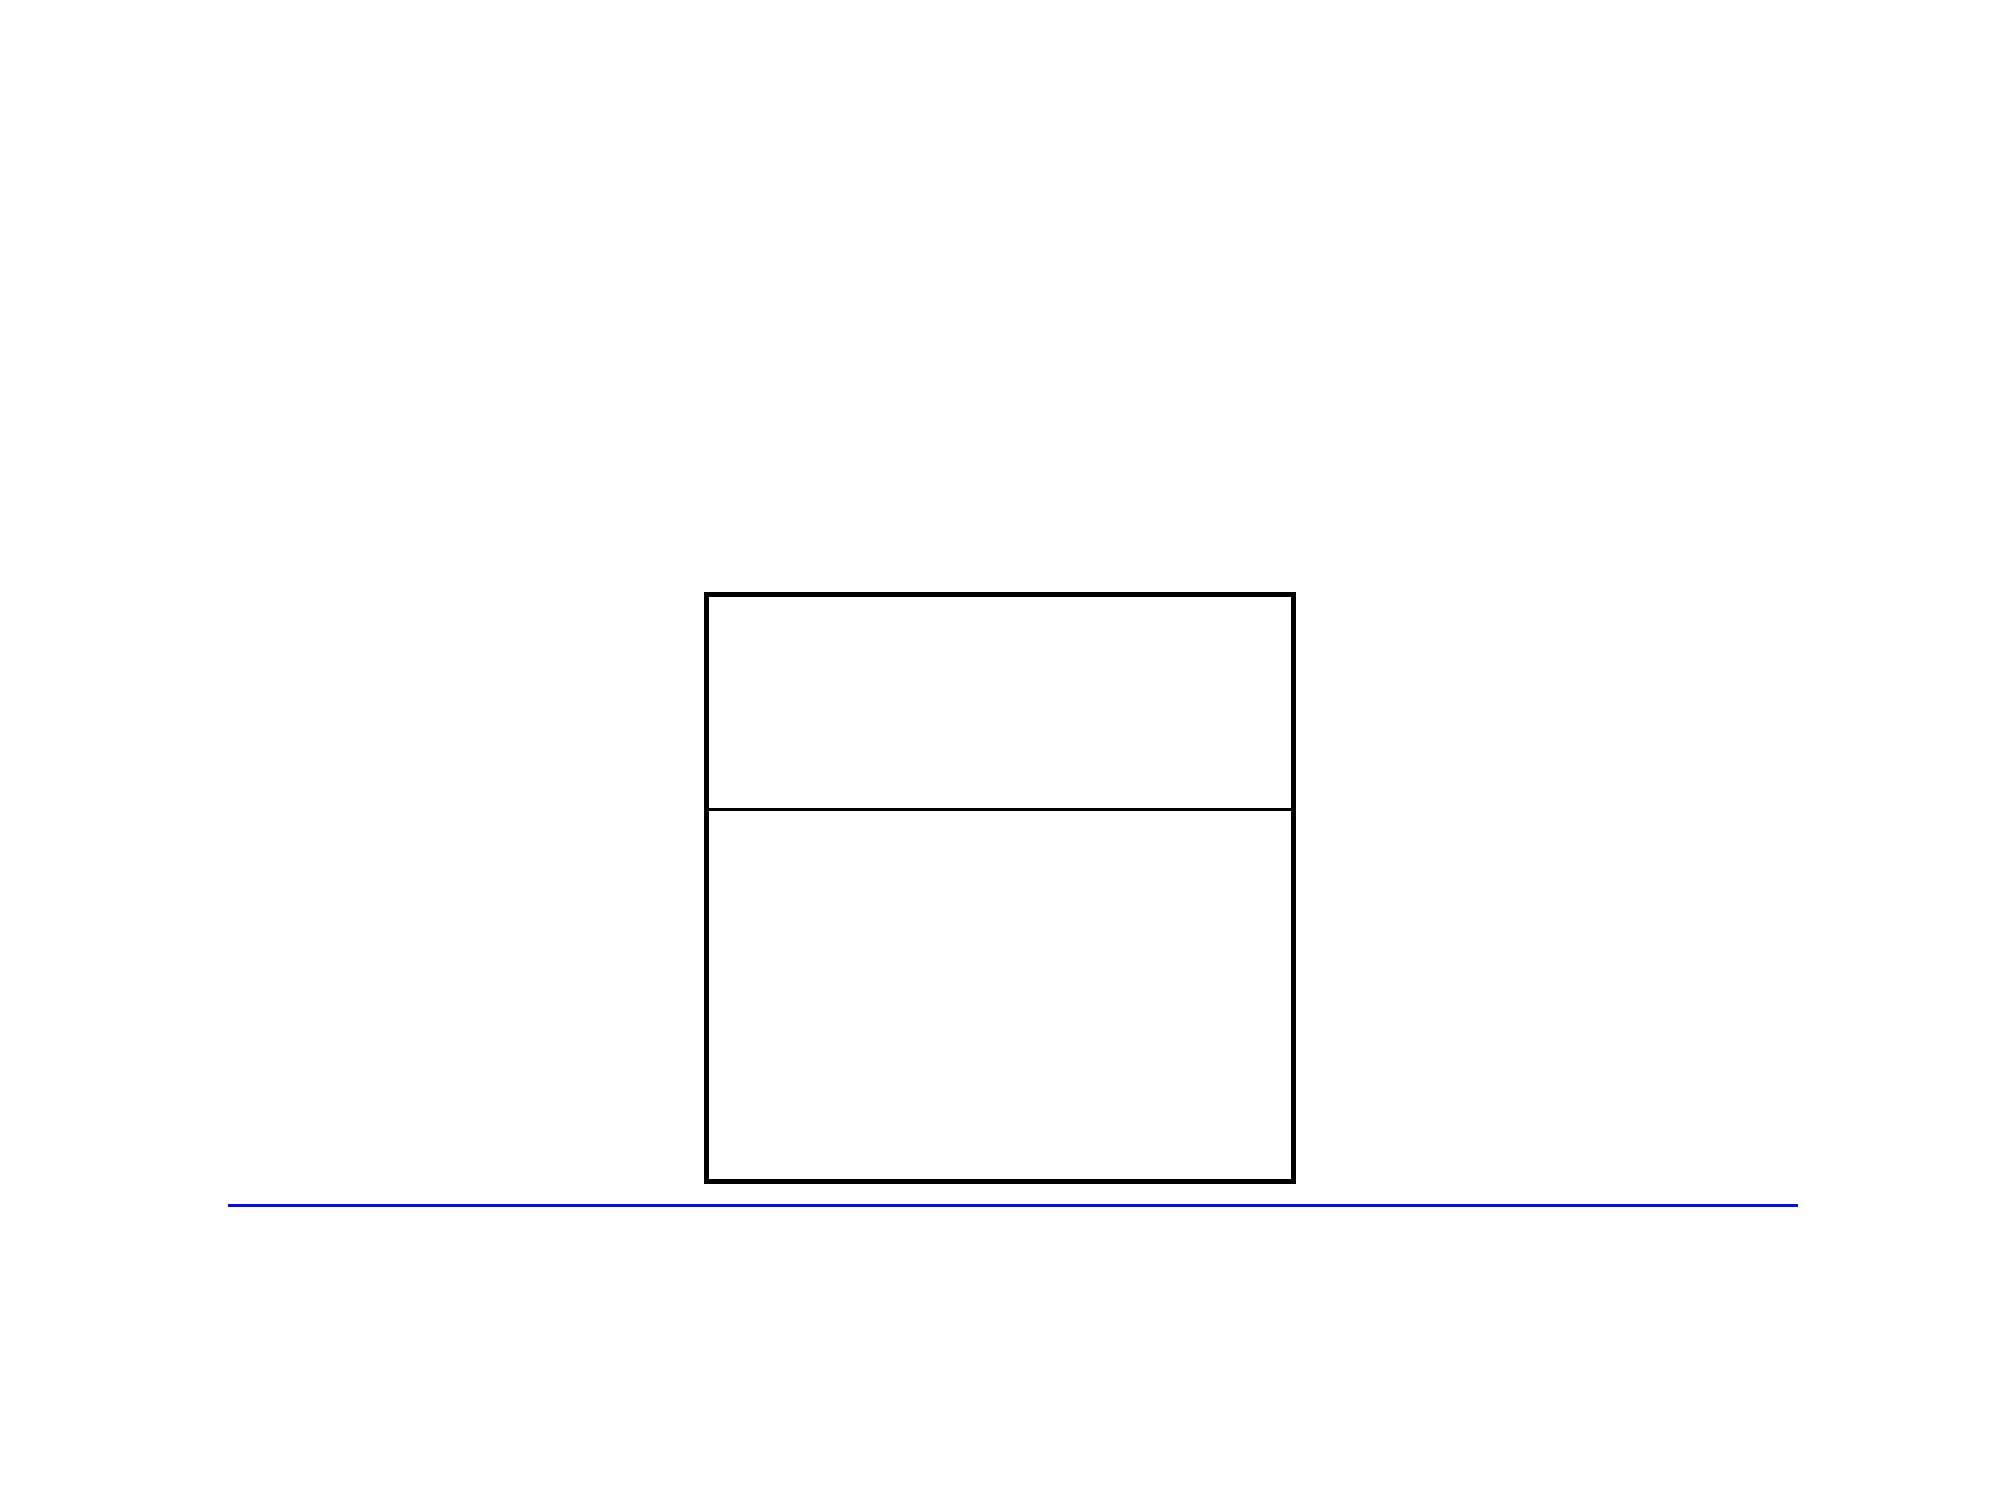 傾斜平面図描き方ステップ①